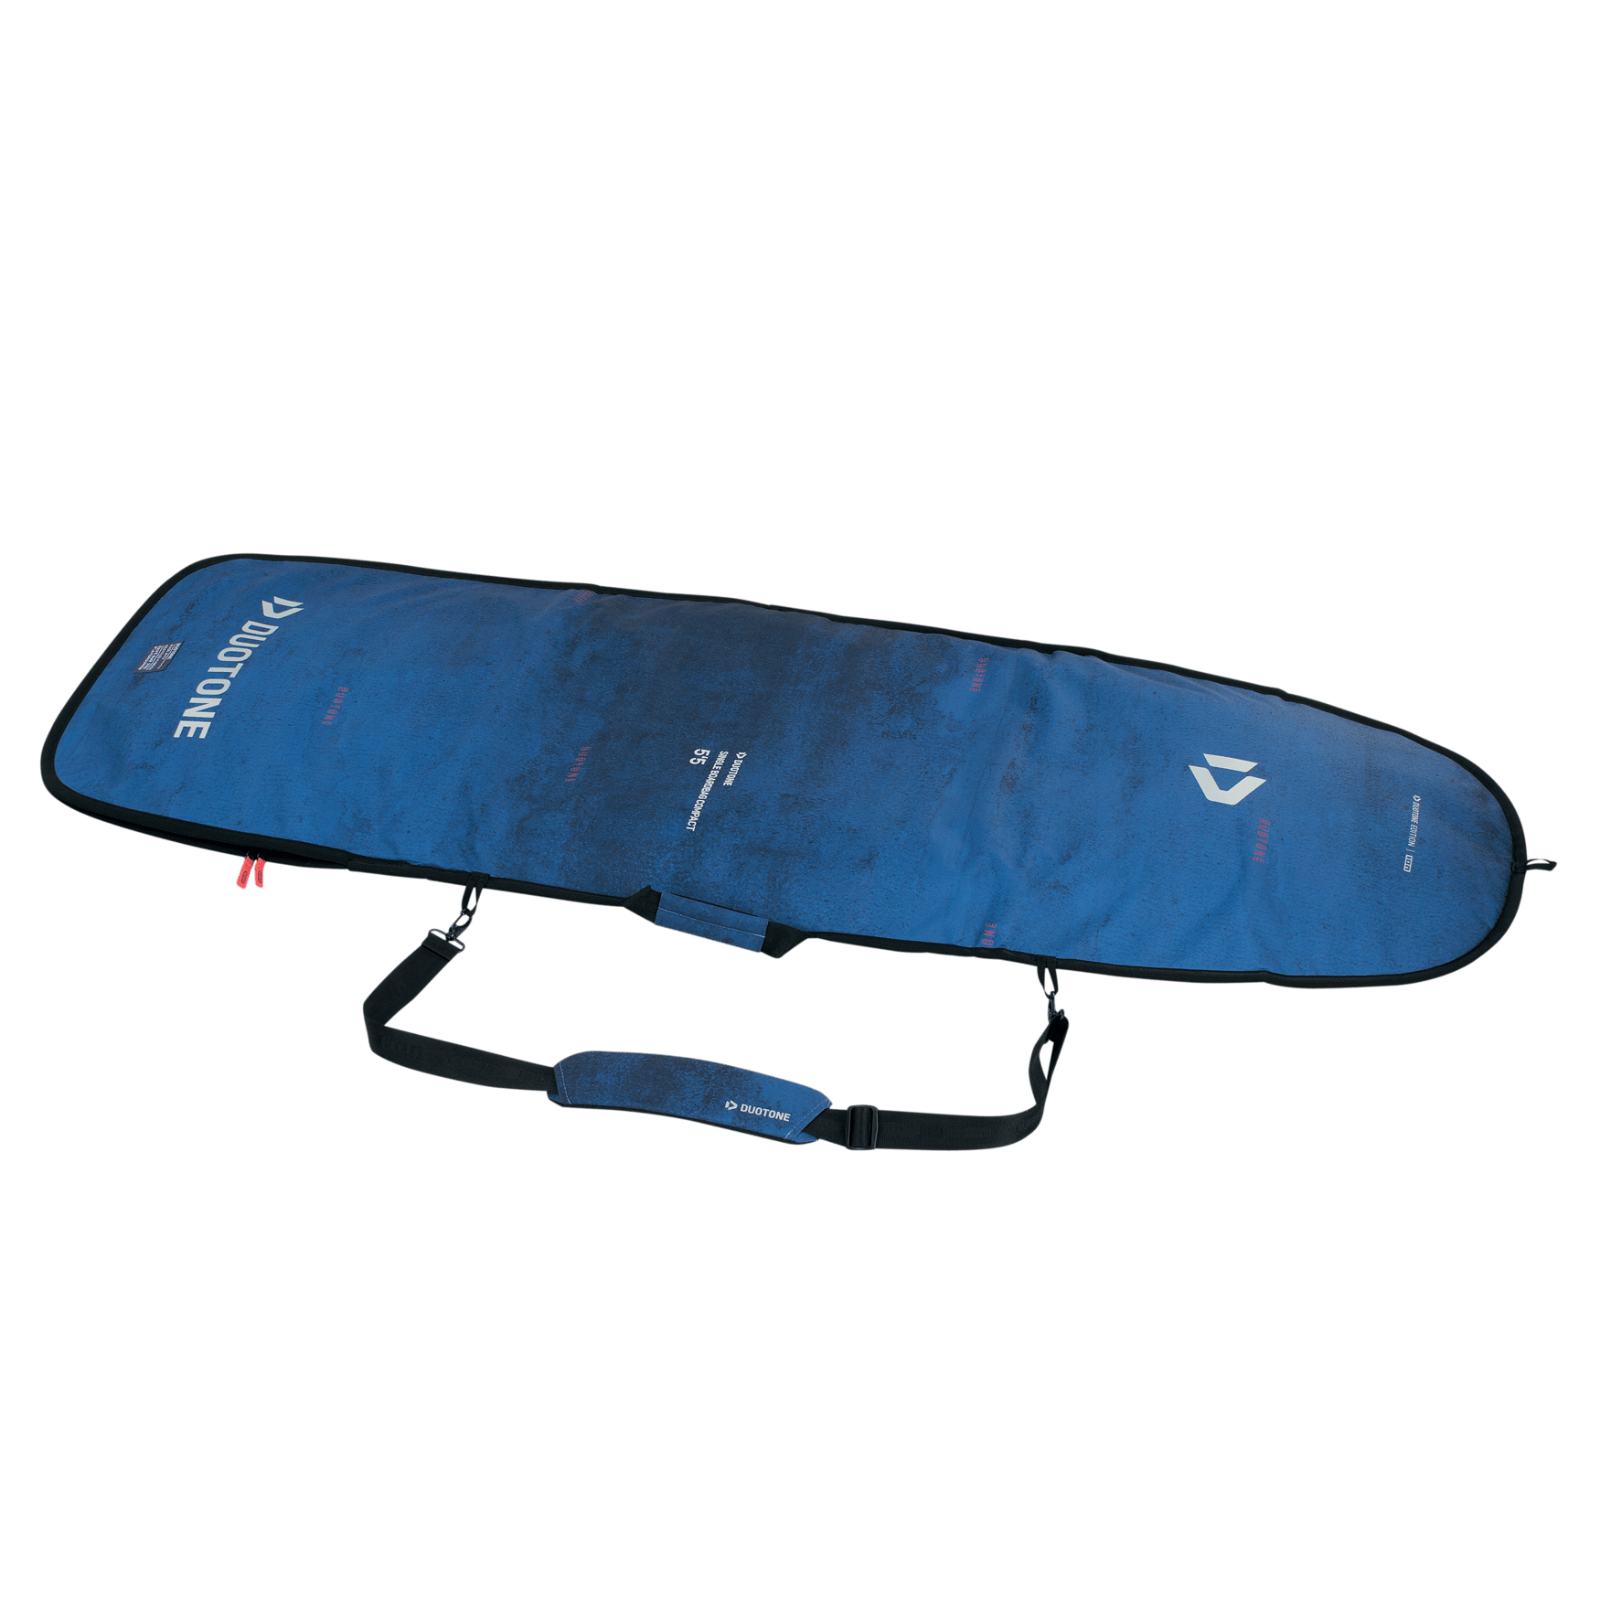 Single Boardbag Compact